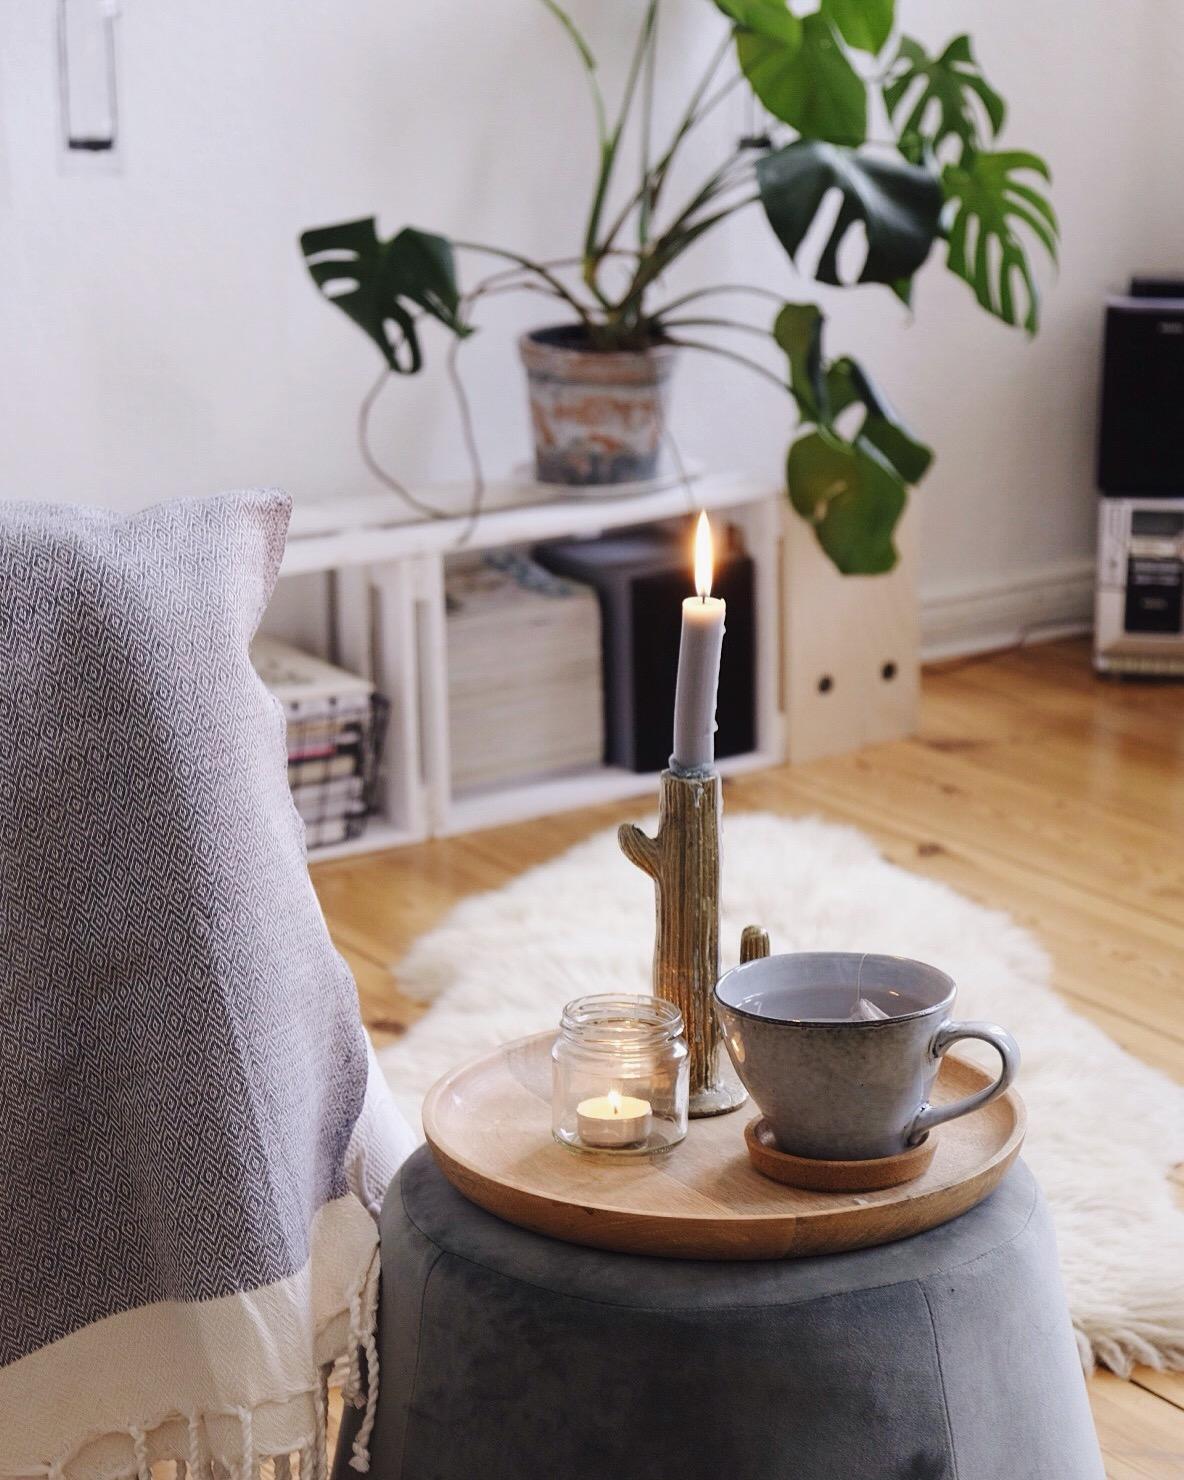 Herbststimmung 🍁🍂 #deko #wohnzimmer #pflanzen #herb....